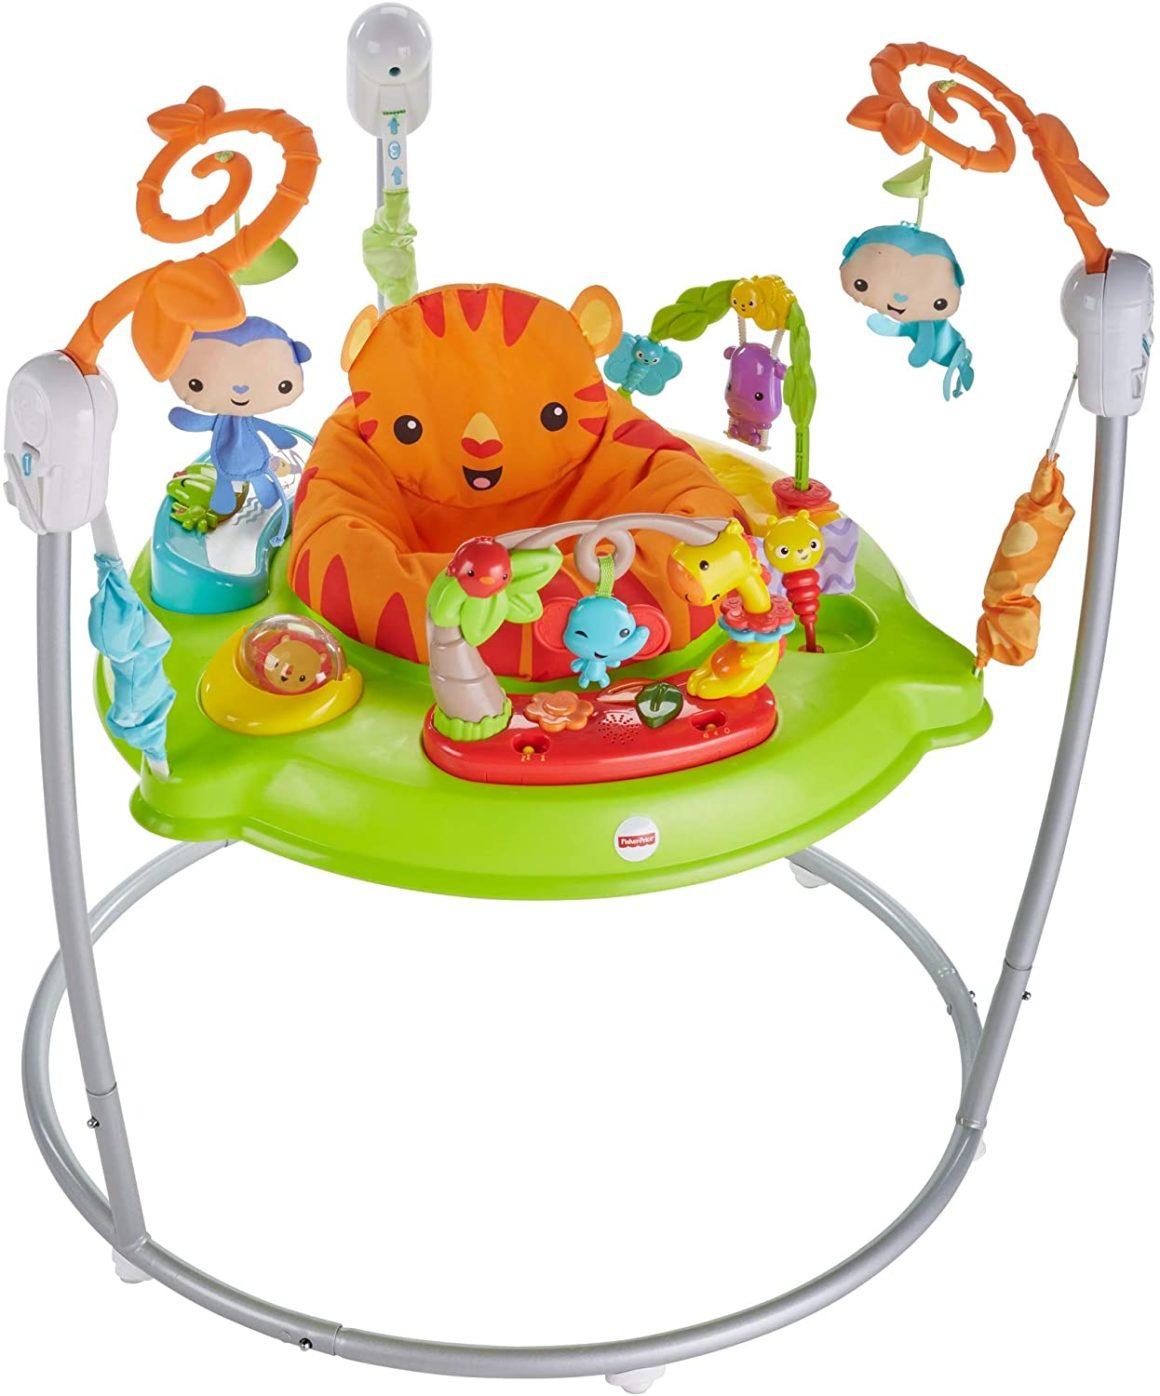 Girello per bambini Fischer-Price Jumperoo Jungle